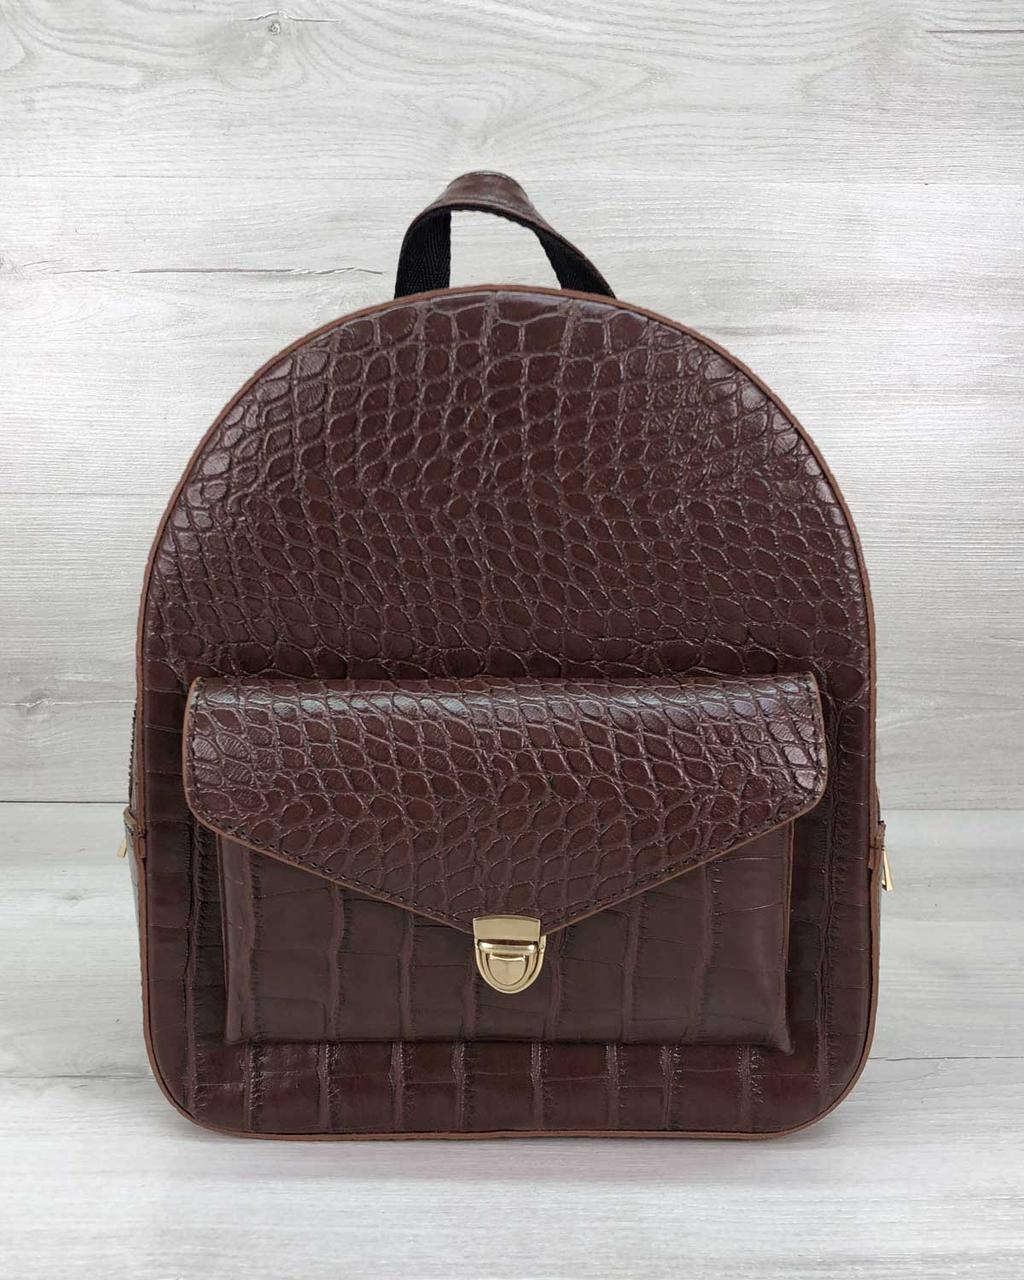 Стильный молодежный сумка-рюкзак женский городской повседневный «Britney» шоколадный